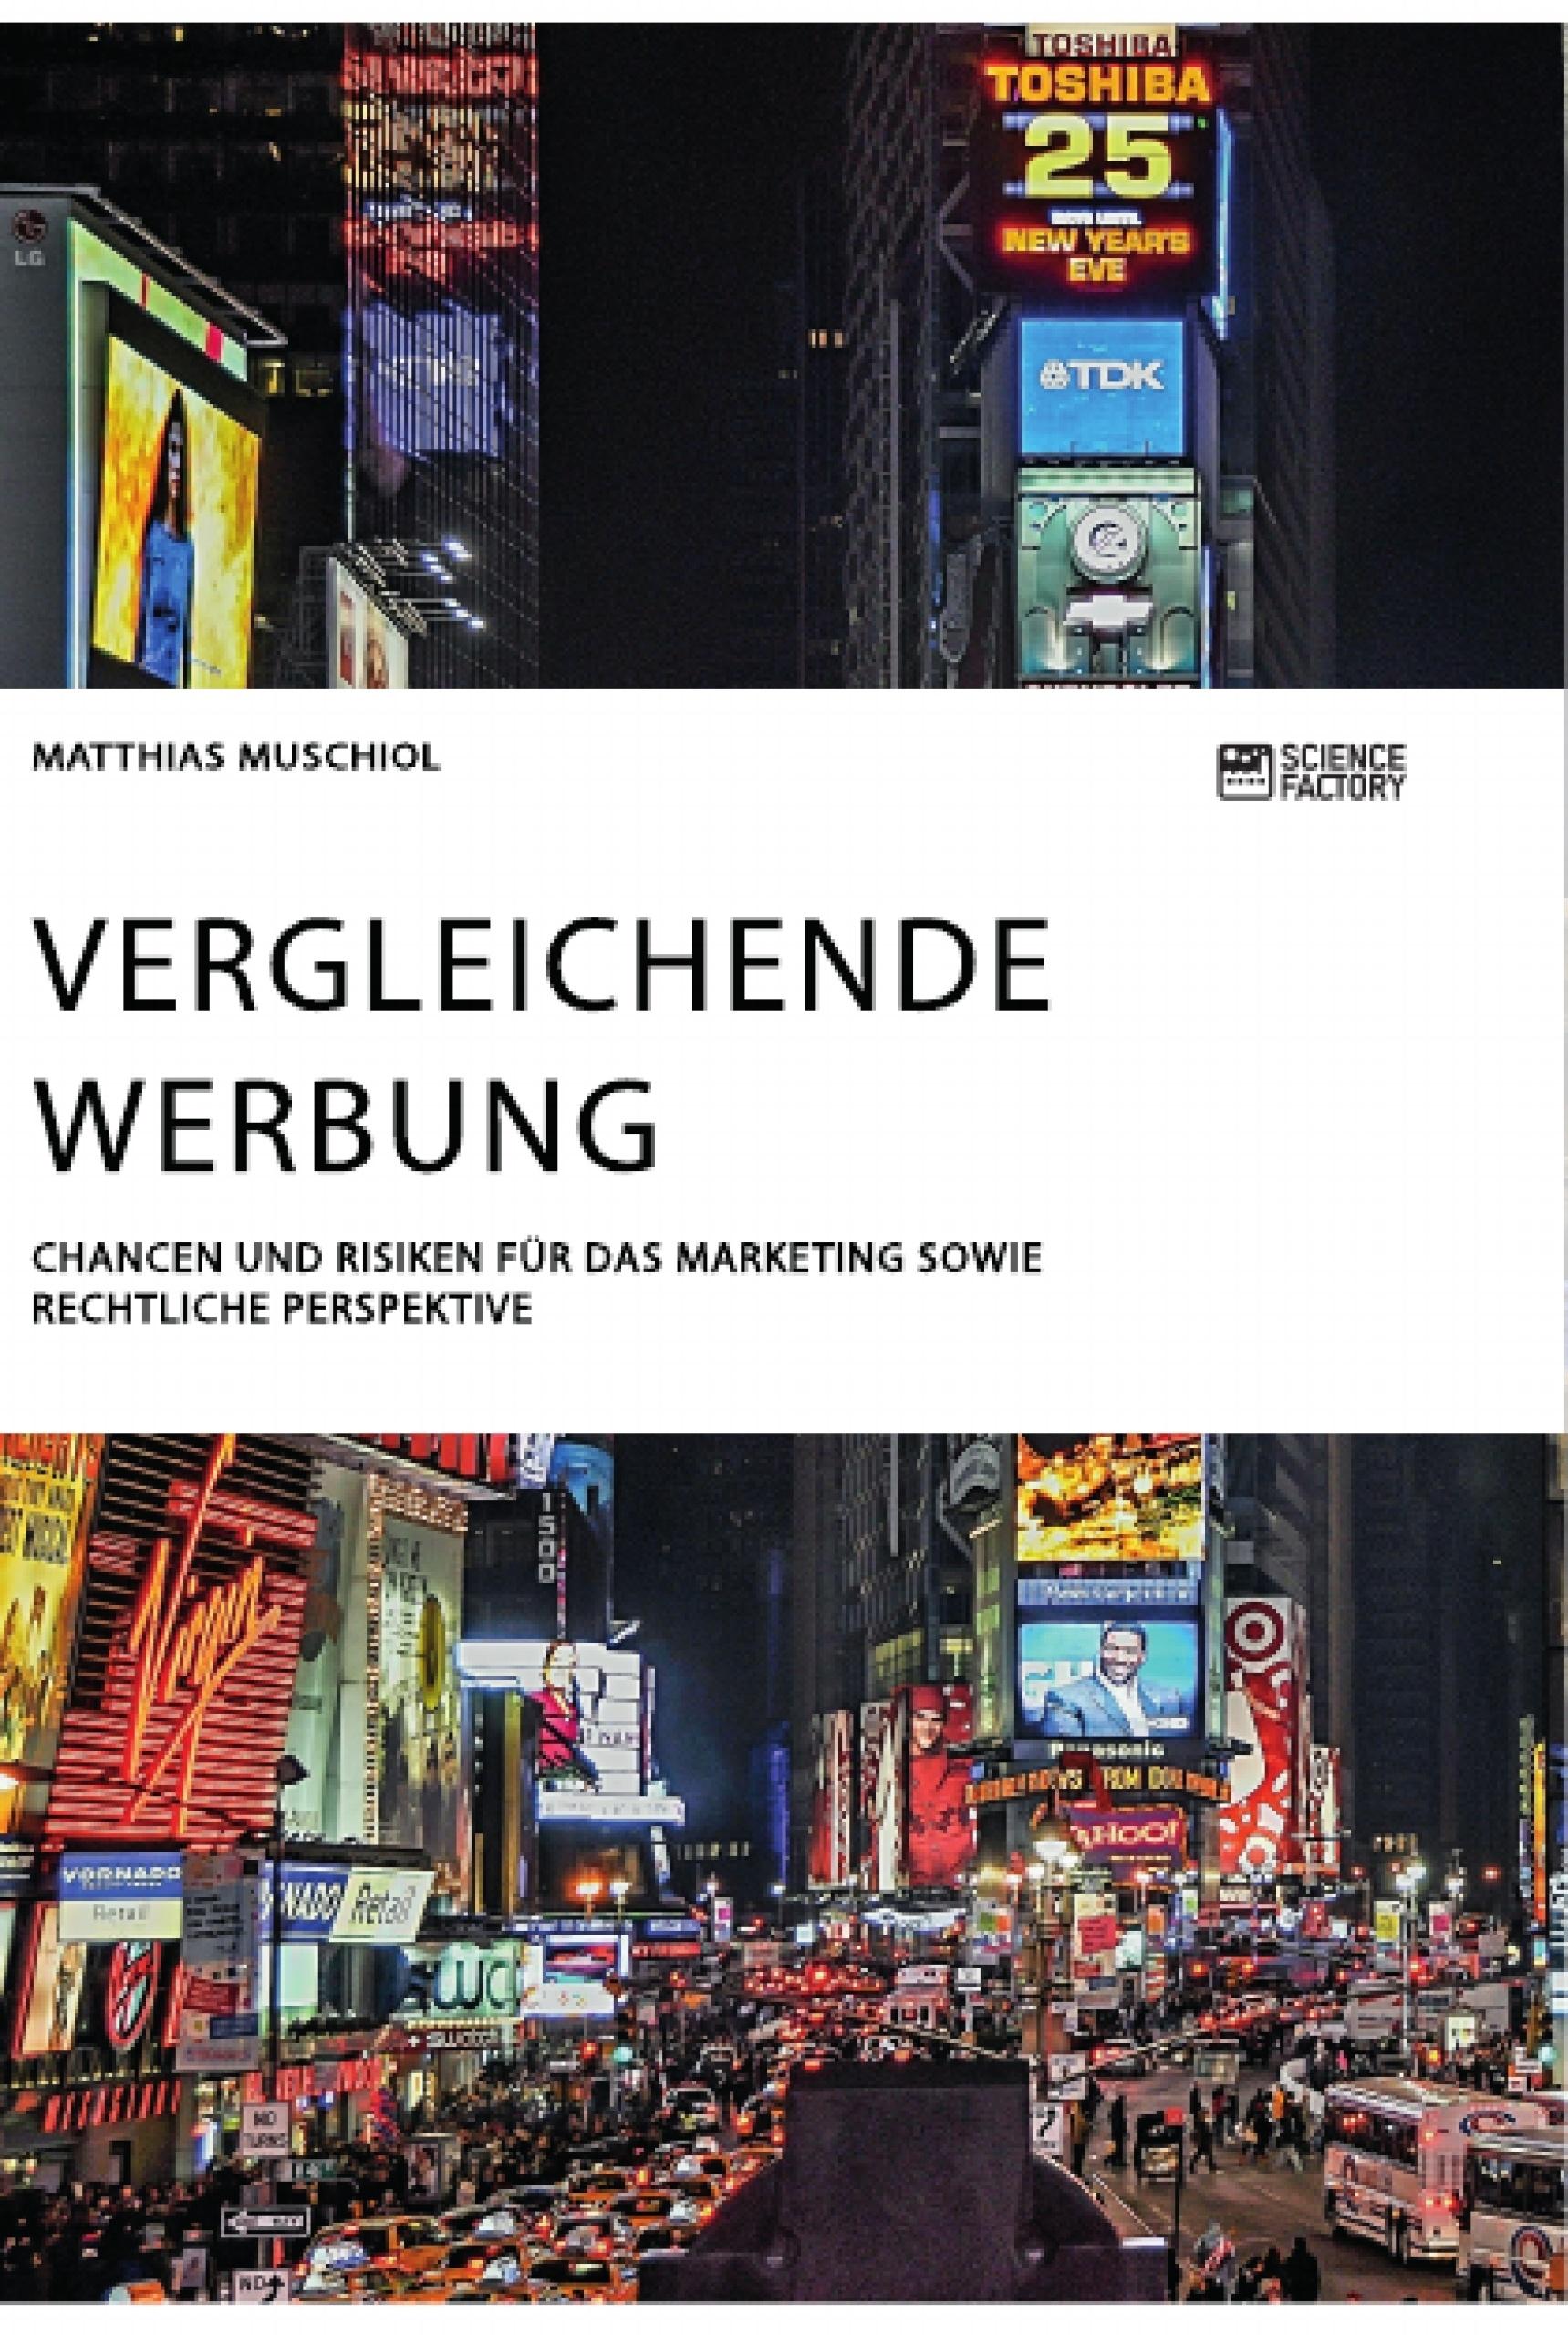 Titel: Vergleichende Werbung. Chancen und Risiken für das Marketing sowie rechtliche Perspektive